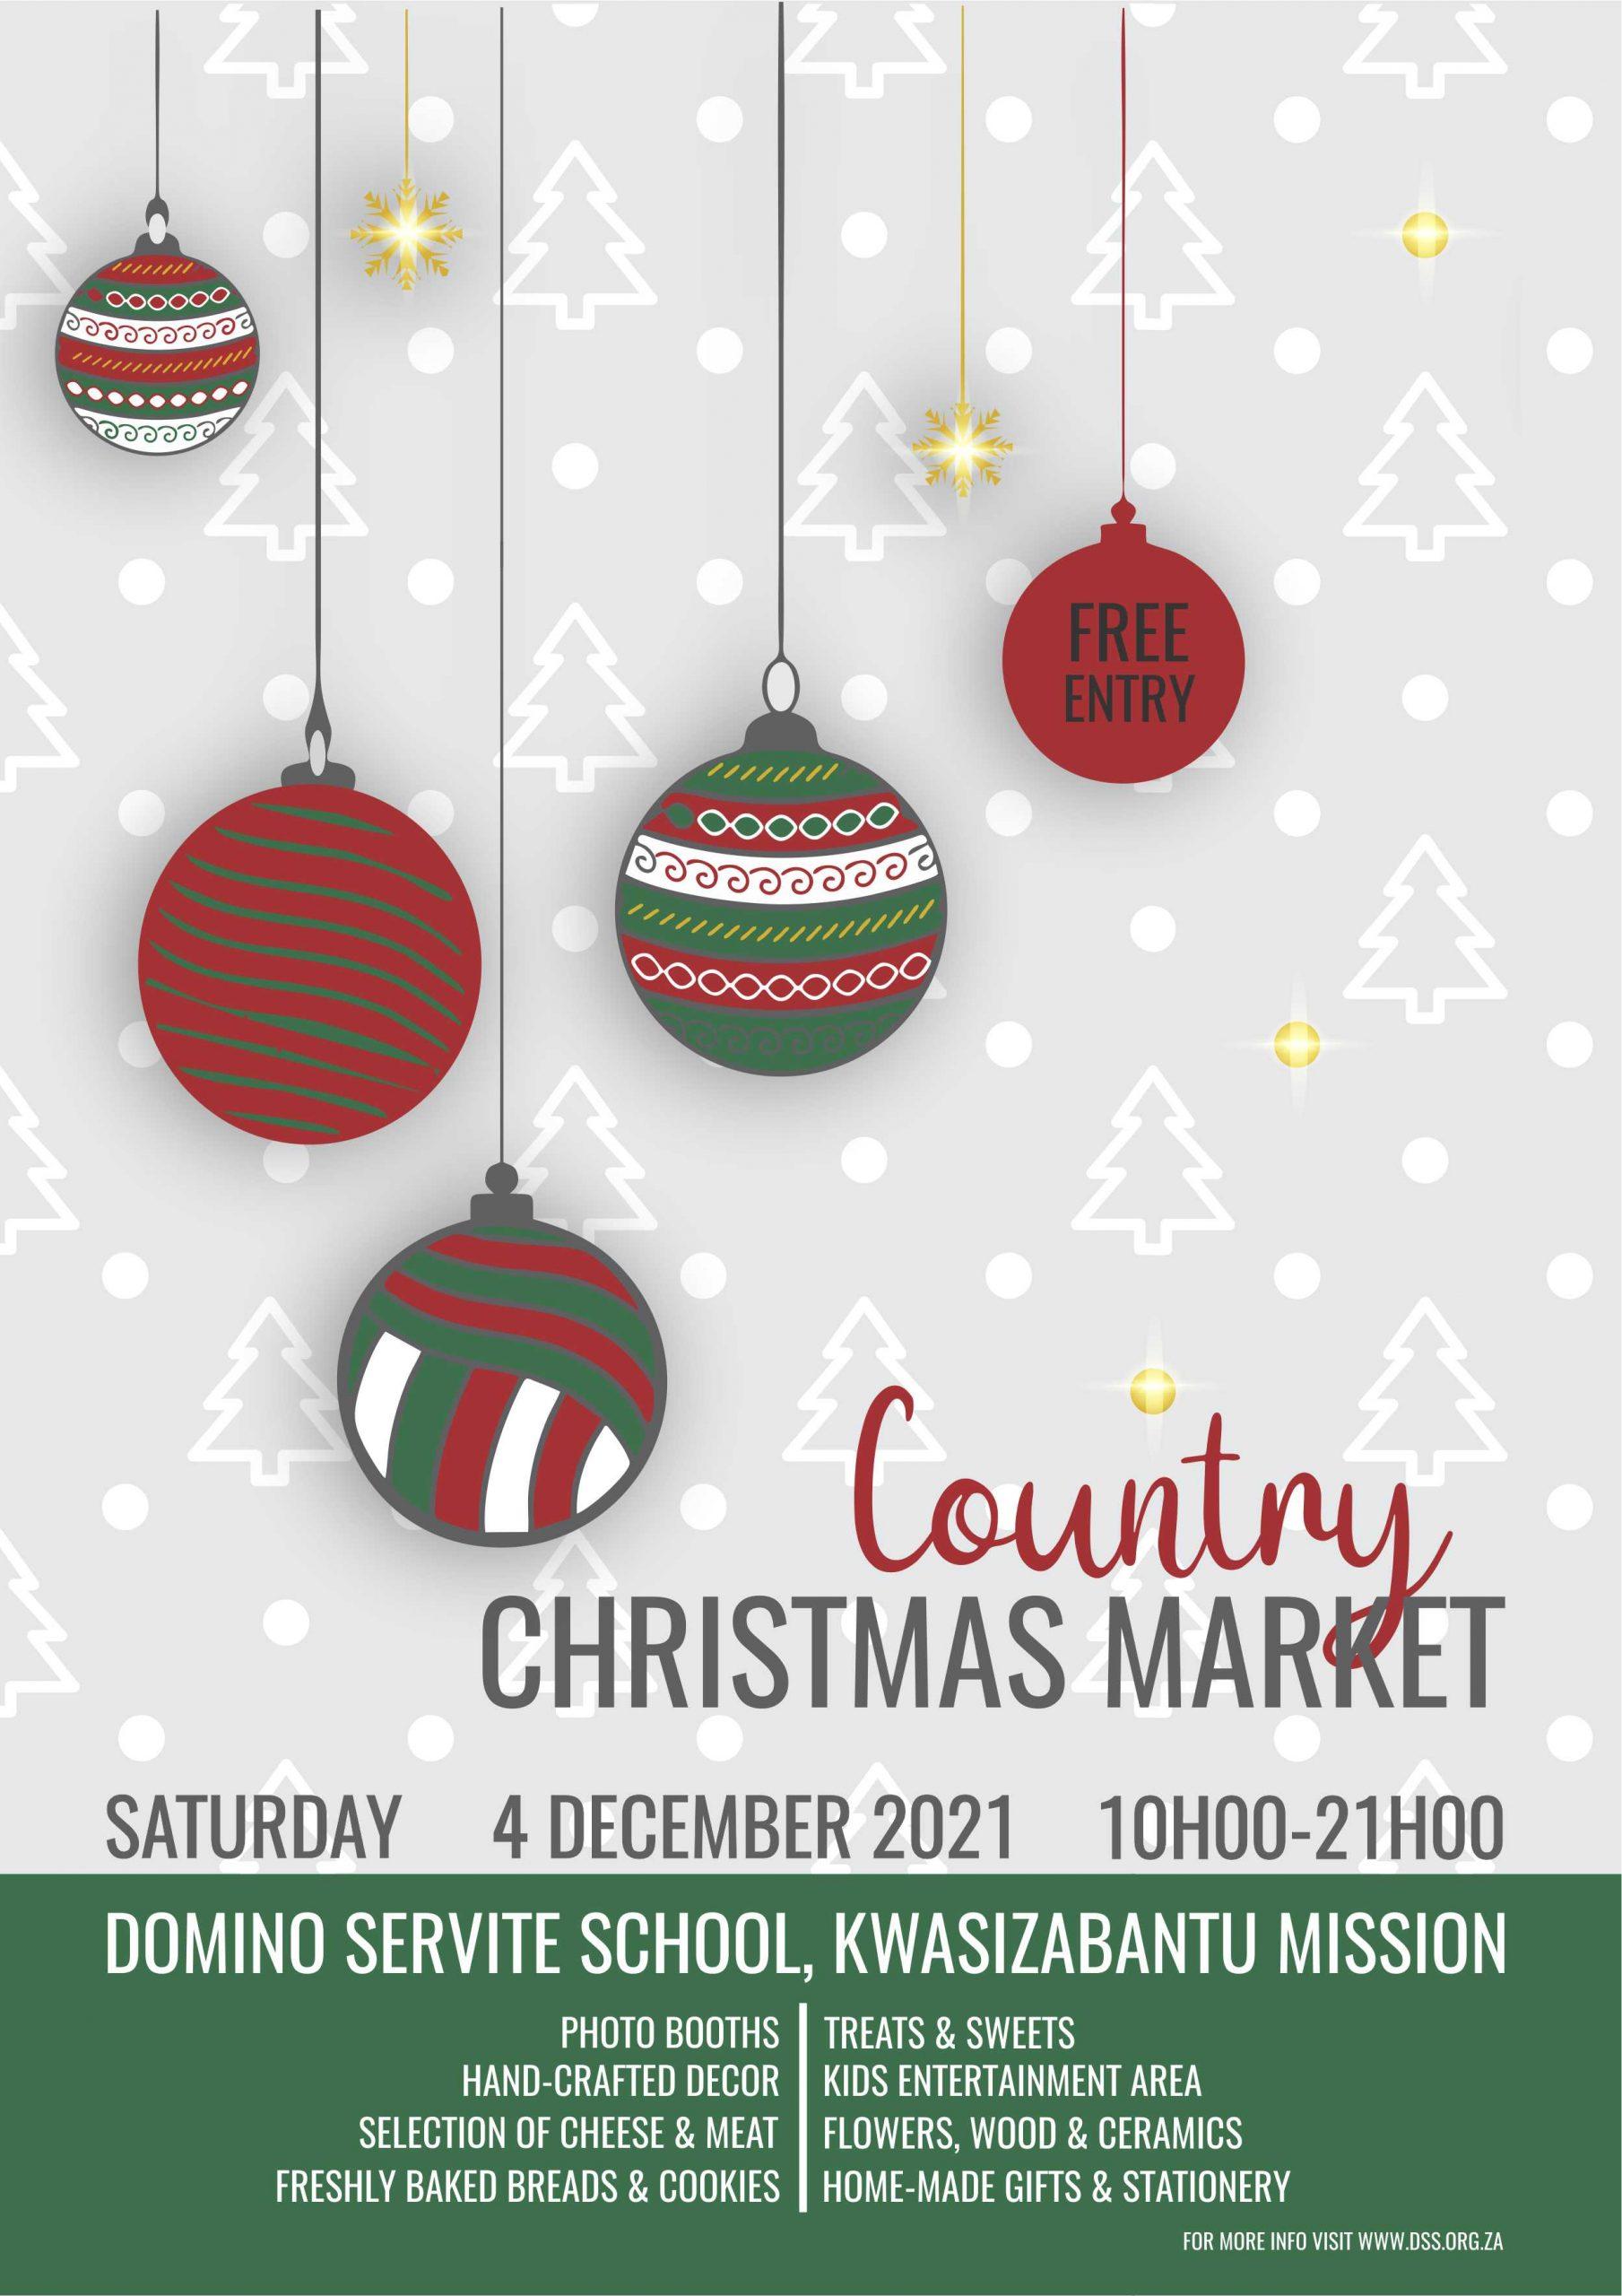 Christmas Market Poster jpg